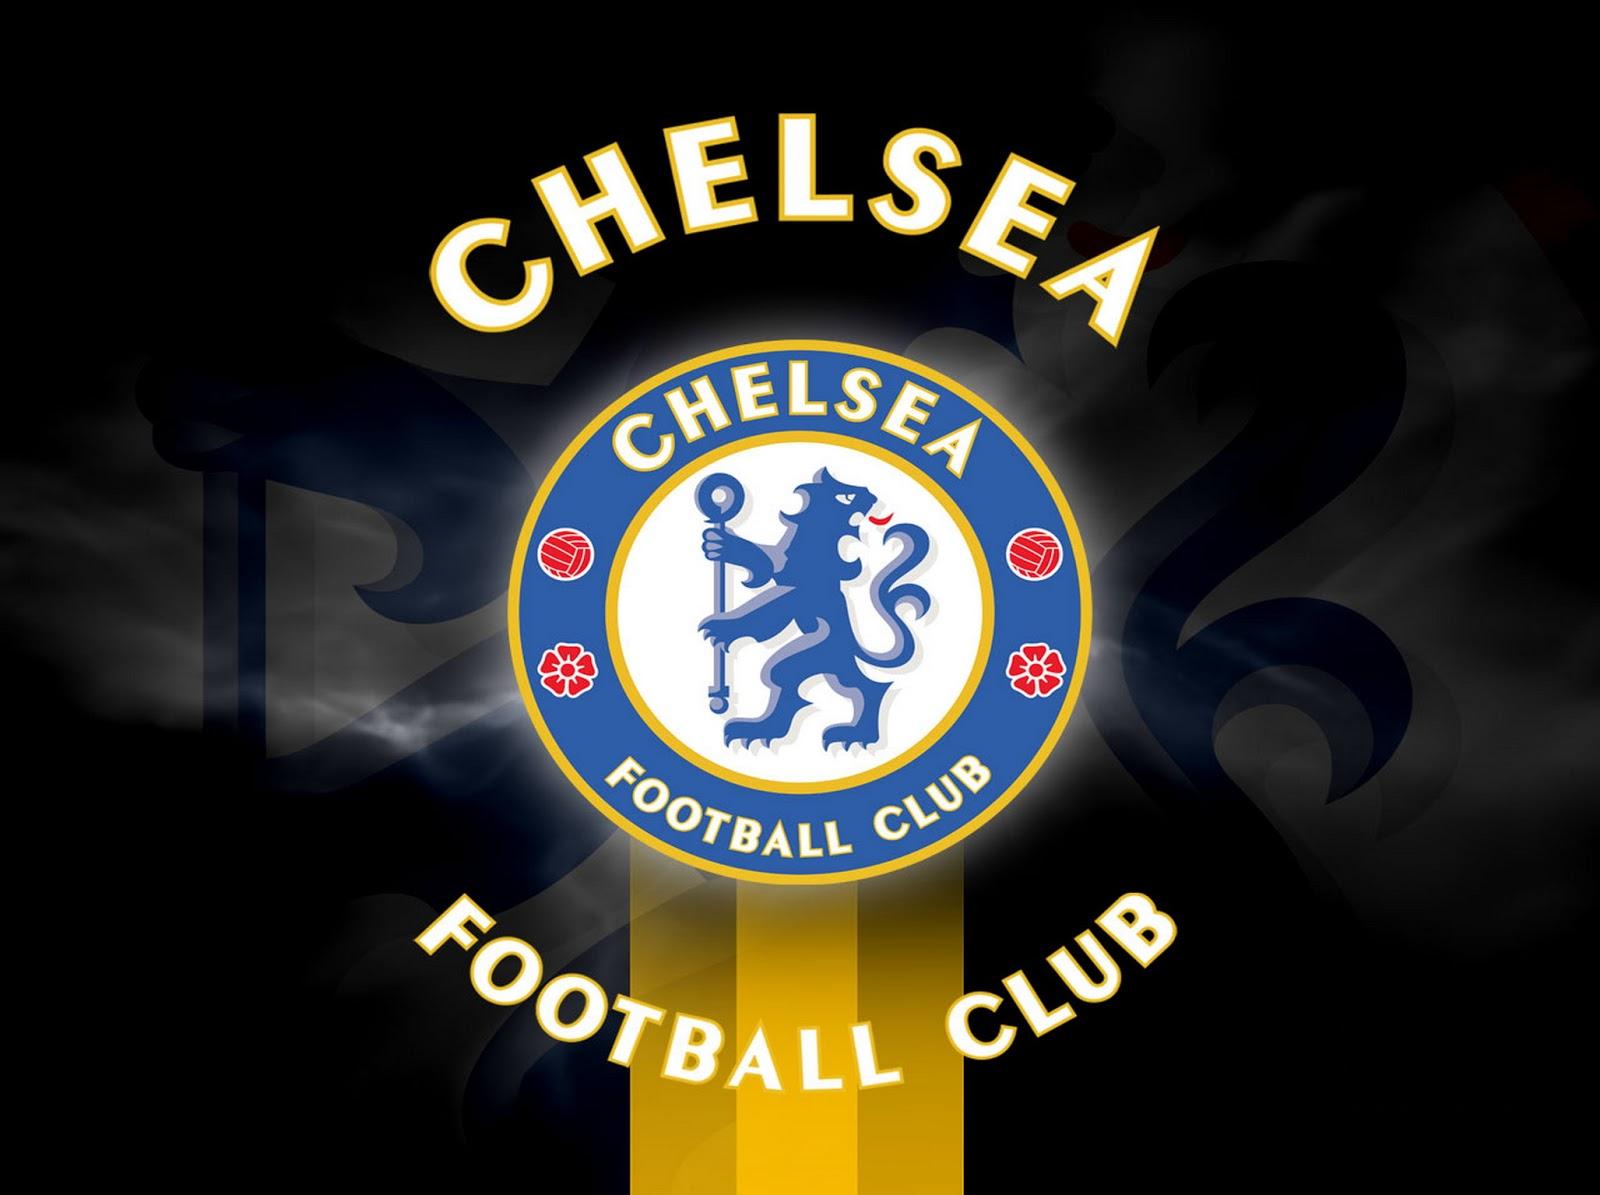 http://2.bp.blogspot.com/-87i2T7Yb5kA/UNYqRsEUf-I/AAAAAAAALzw/h9AcSsKLukg/s1600/chelsea-Logo-wallpaper-2012+01.jpg